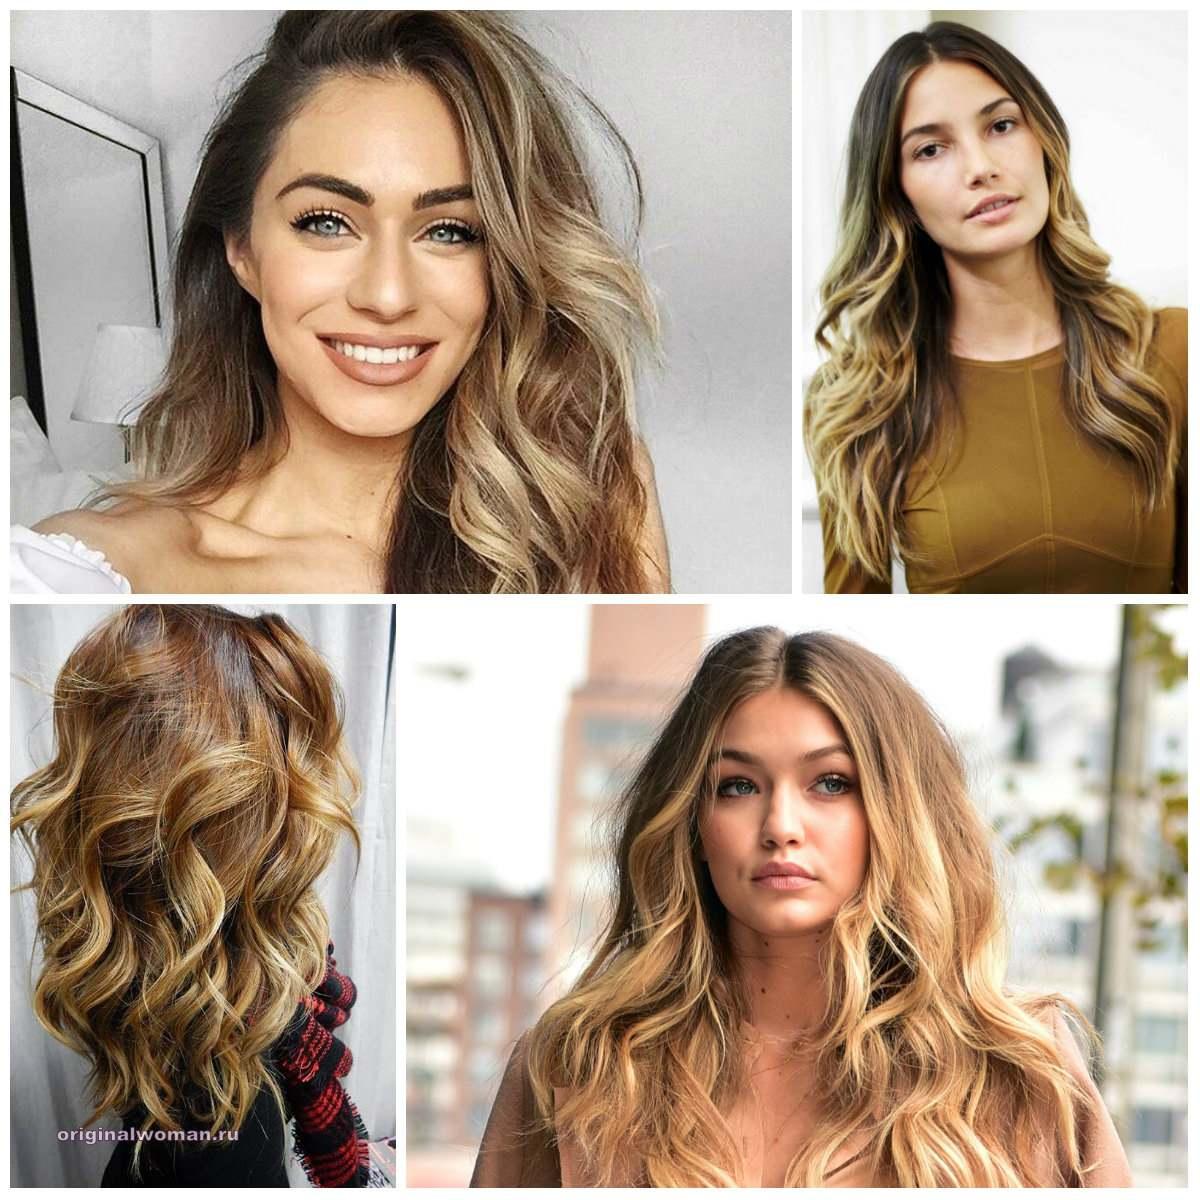 Какой цвет волос в моде в 2018? - фото обзор модных новинок окрашивания